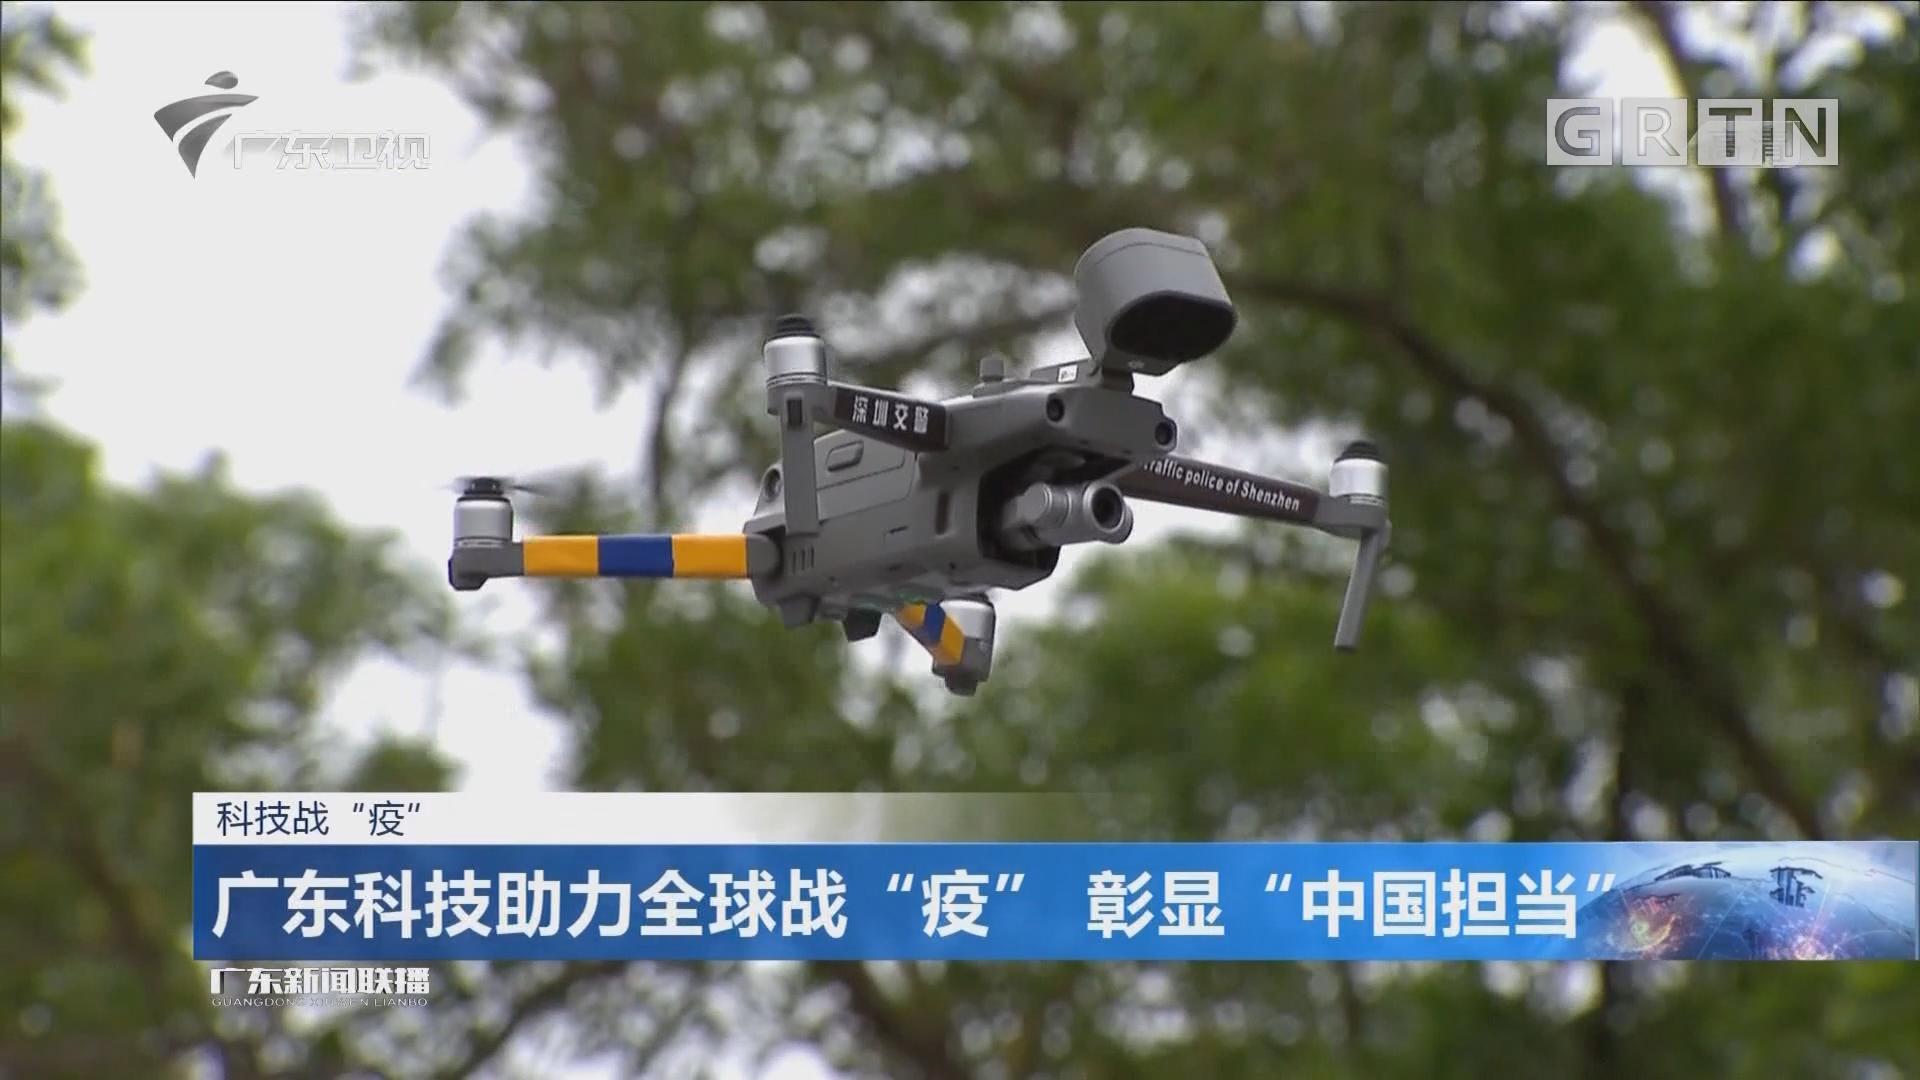 广东科技助力全球战